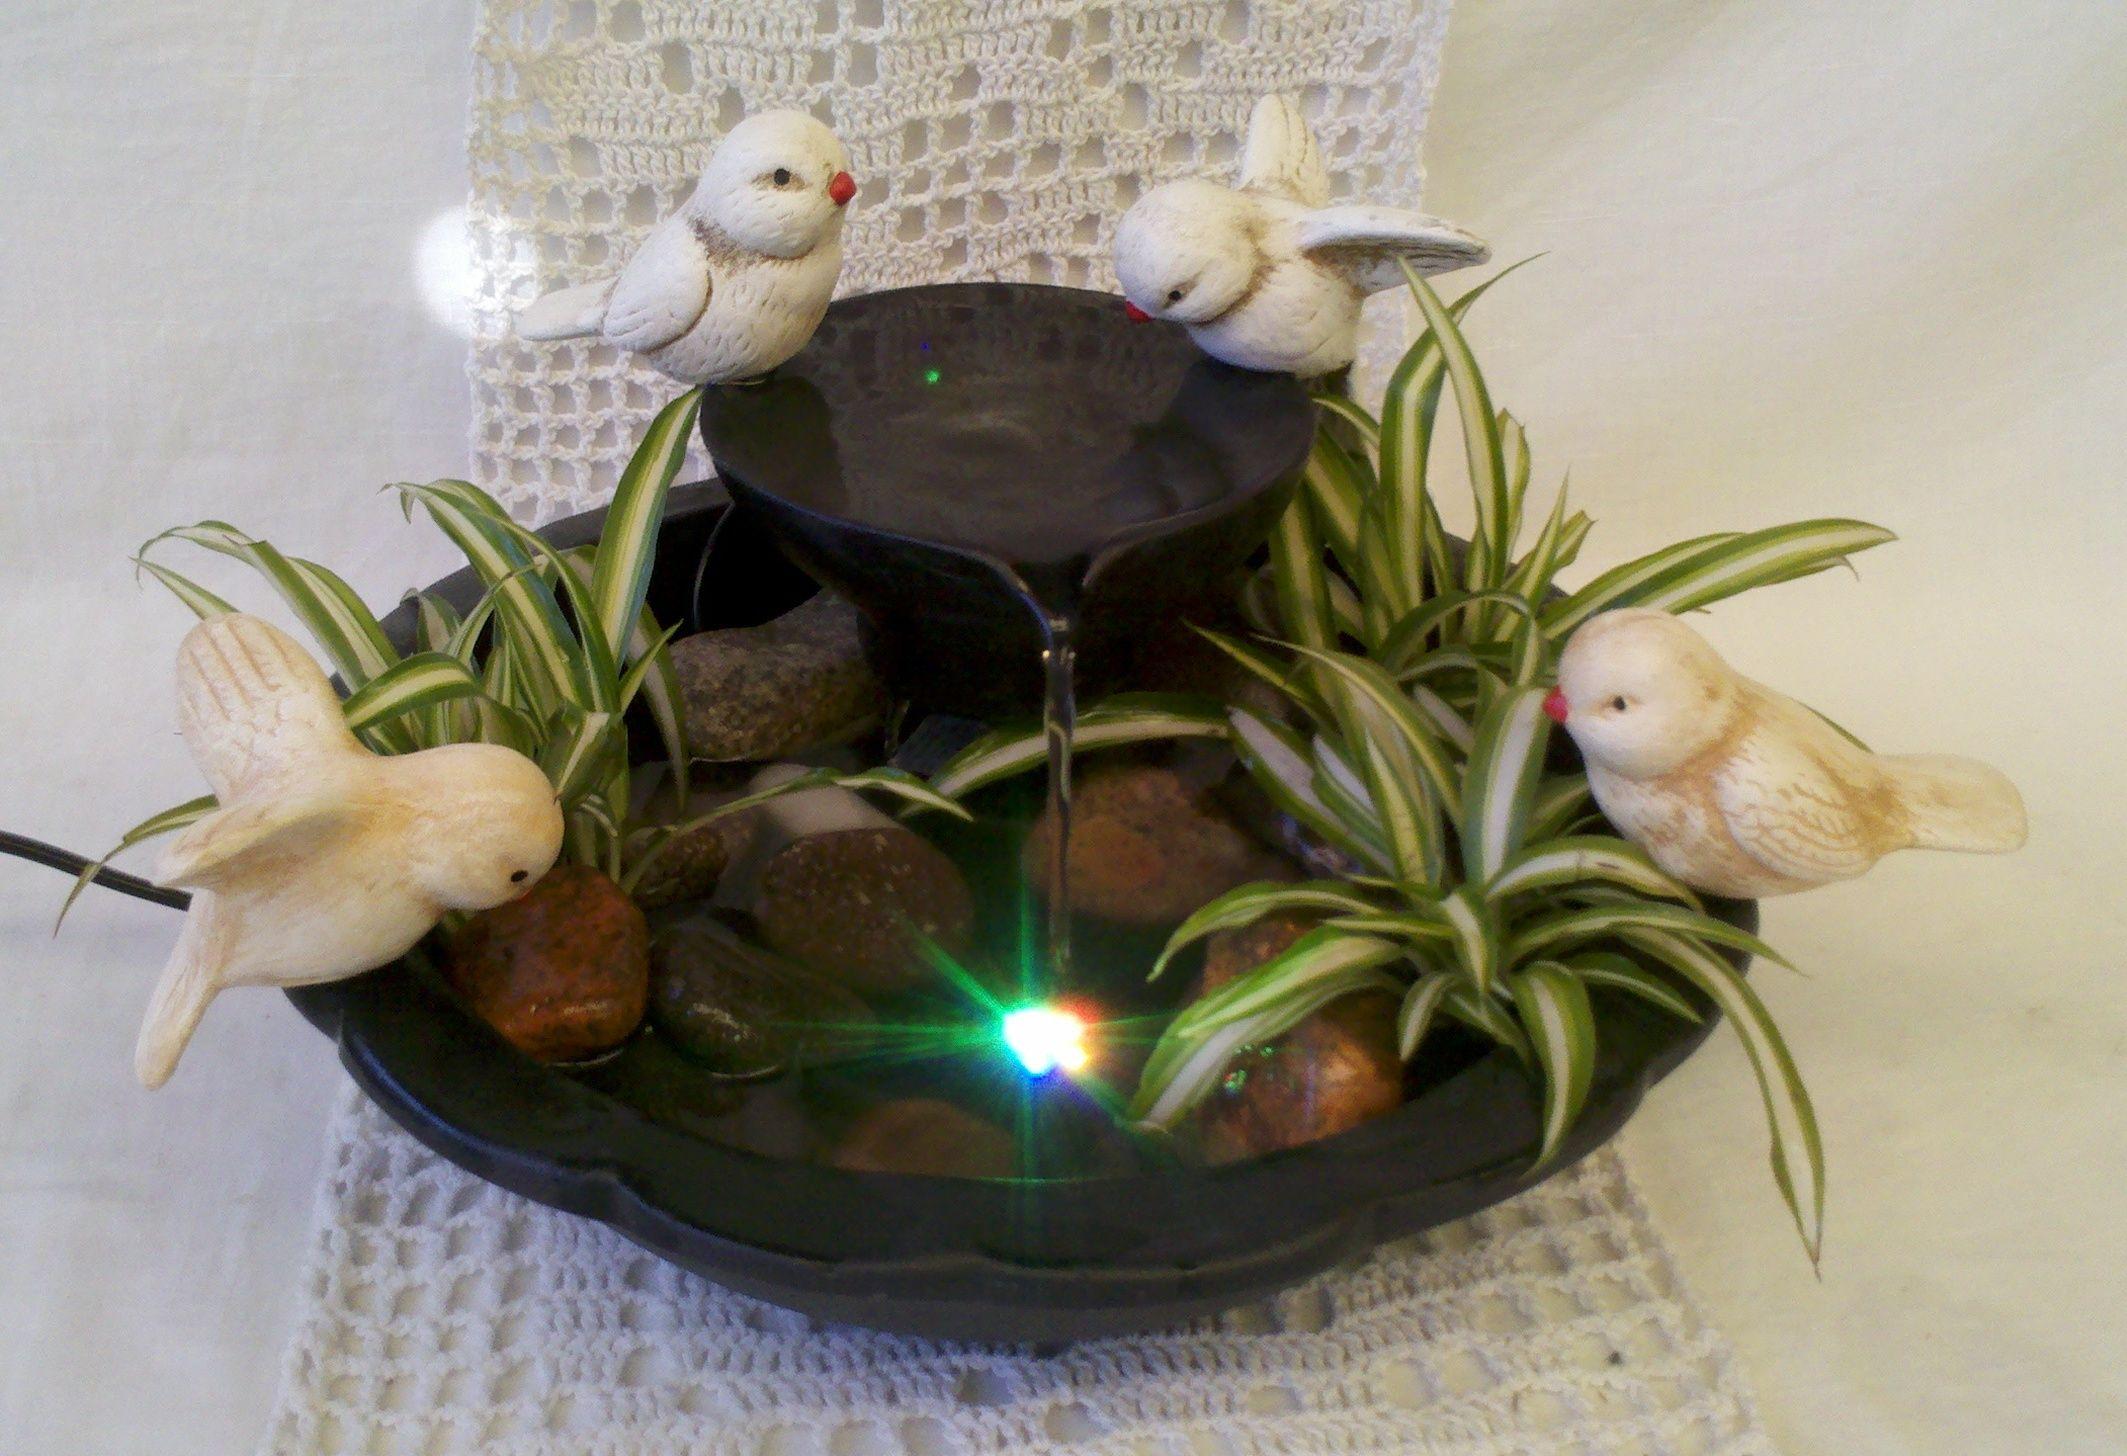 fuente de agua copa con gorriones y luz led | Fuentes de agua ...